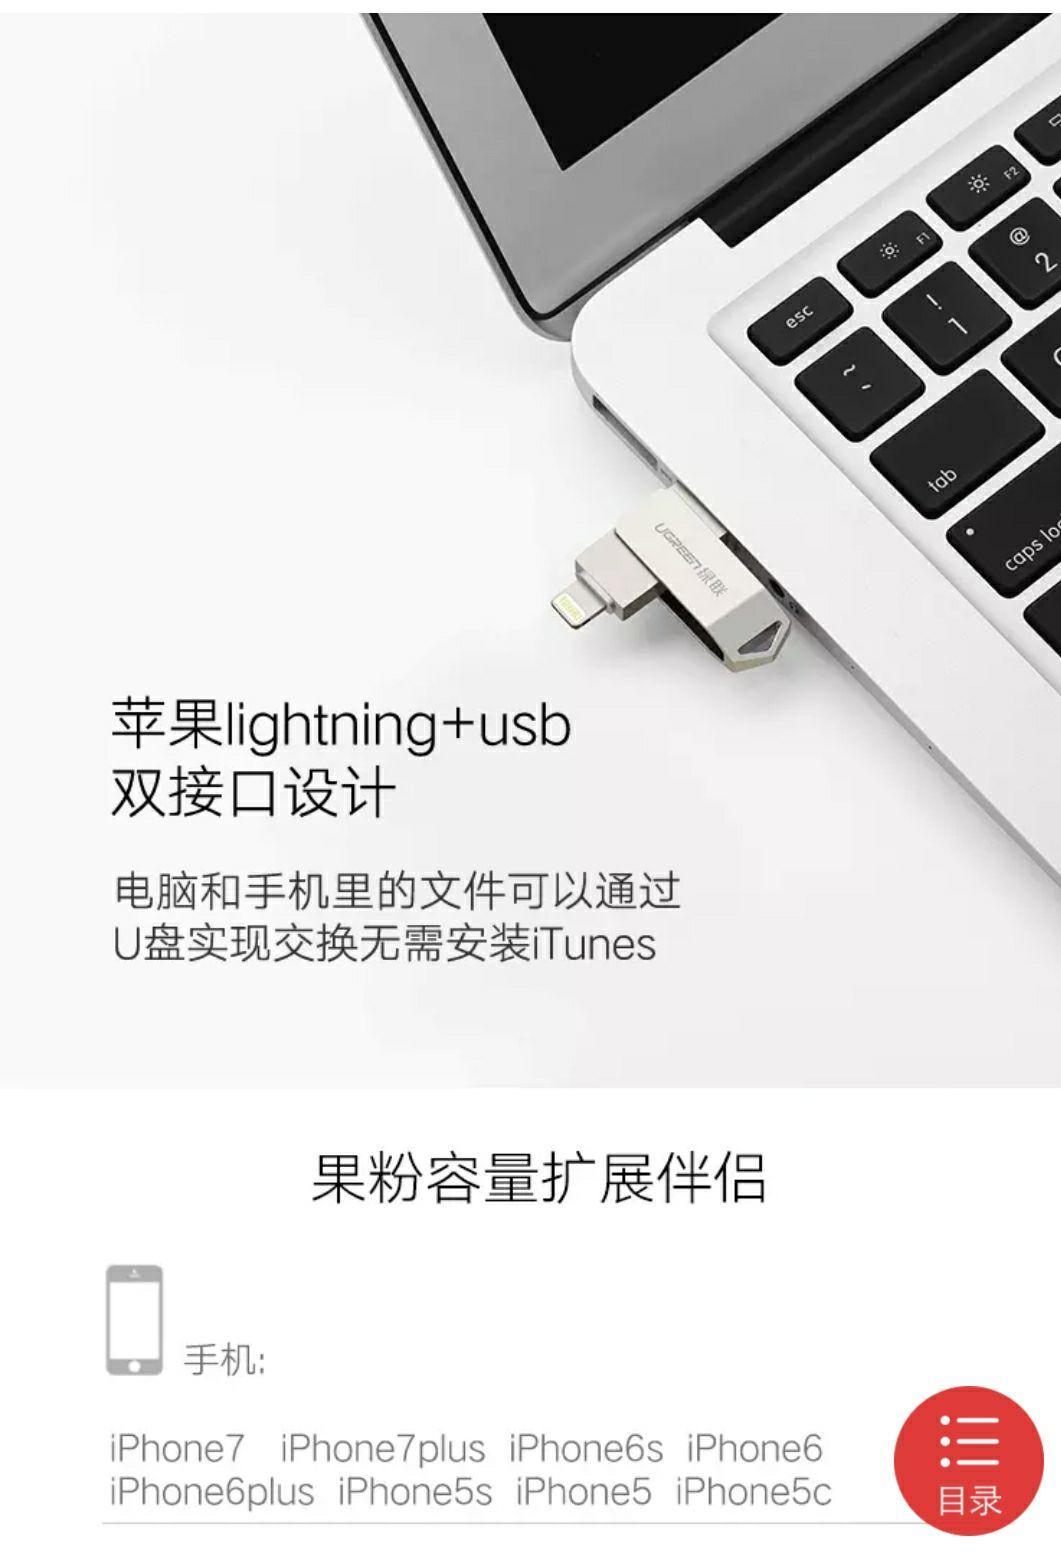 ipad mini 插u盘_有什么比较好的ipad外接U盘? - 知乎